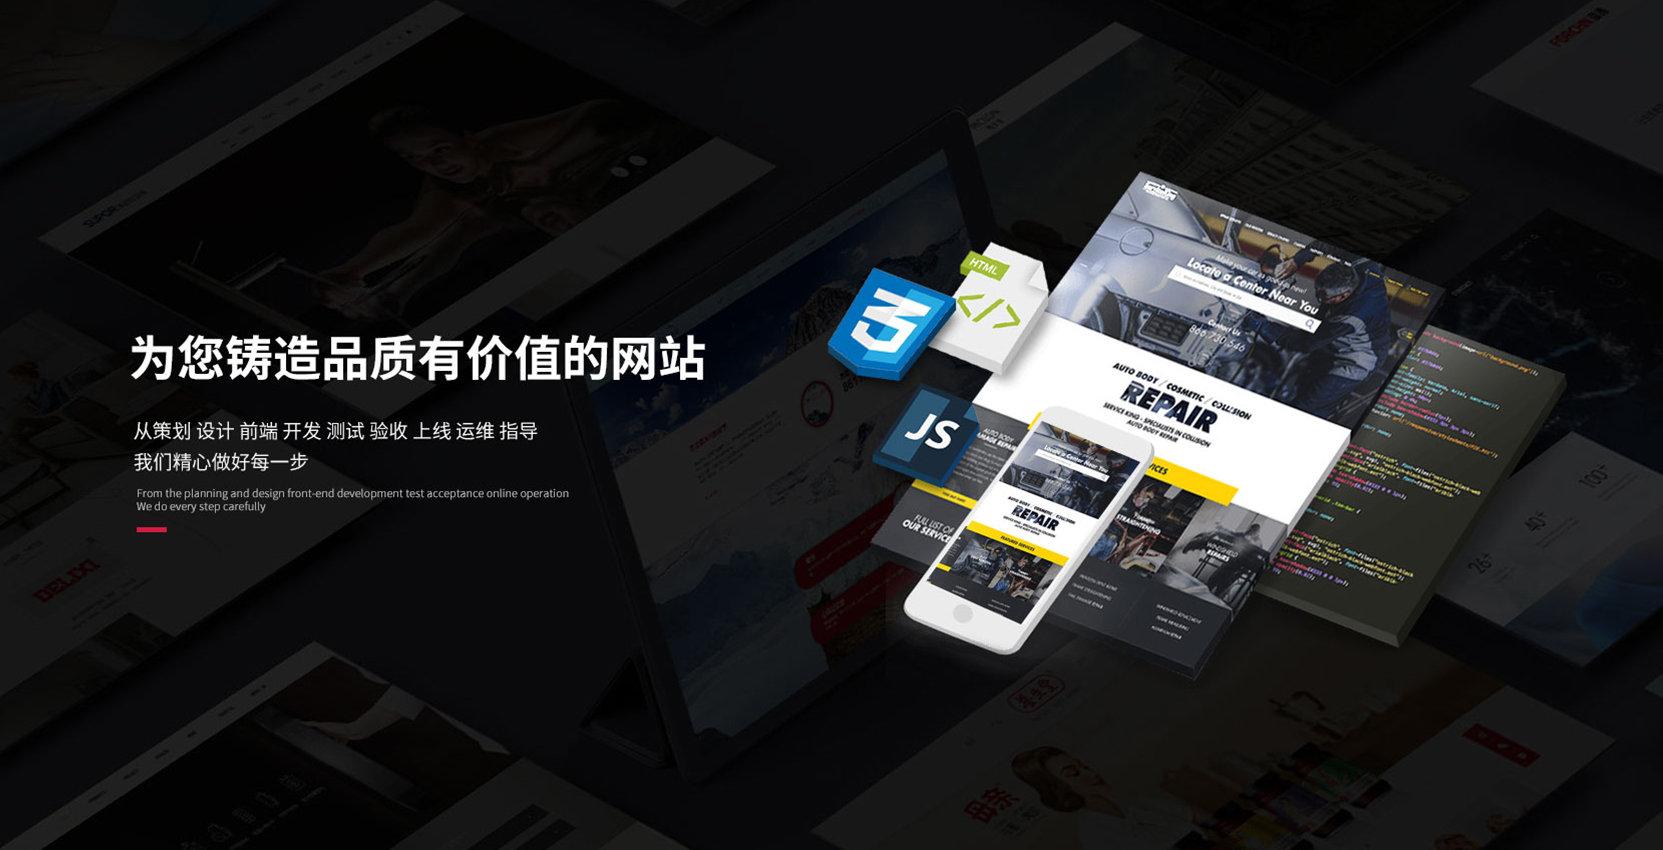 阿里云新用户专享,2核4G云服务器295元1年,云小站特惠